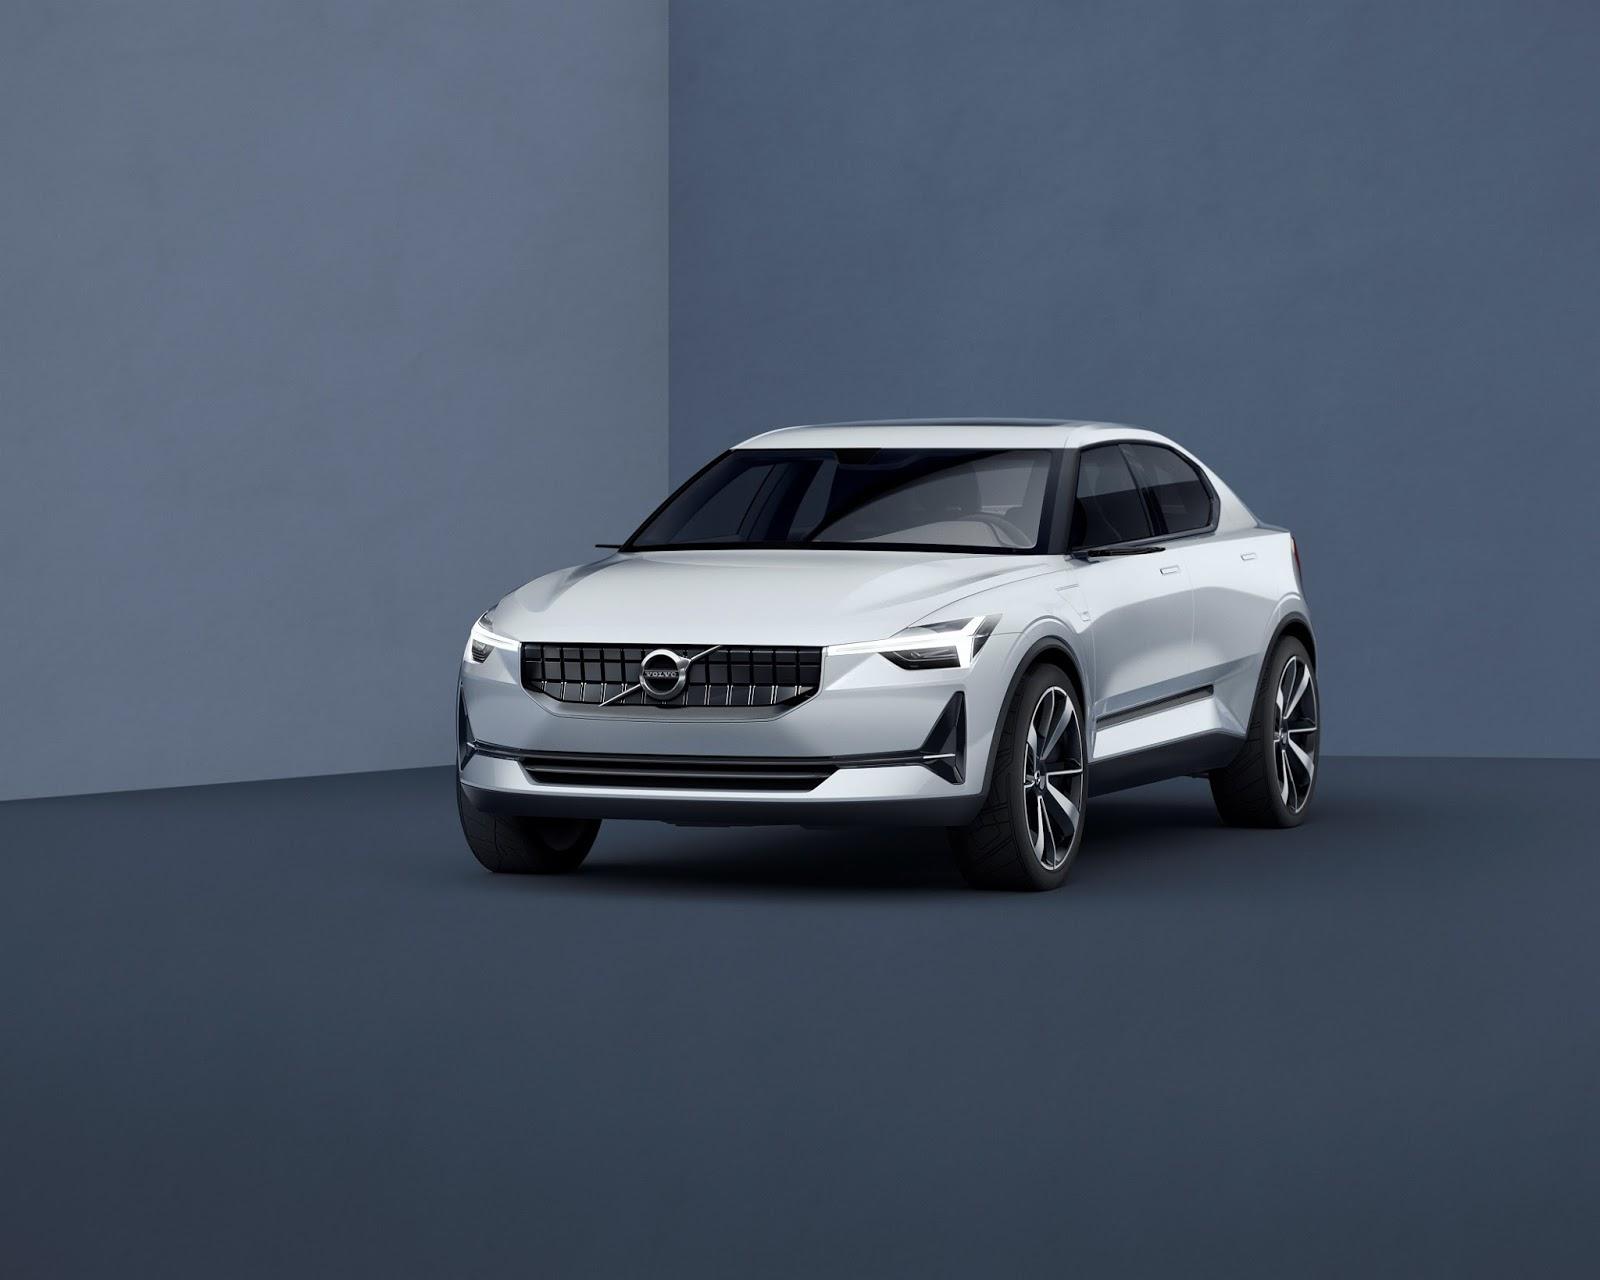 VOLVO2BCONCEPT 40 2 front quarter low Δύο νέα πρωτότυπα από τη Volvo (XC40 & S40) Volvo, Volvo S40, Volvo XC40